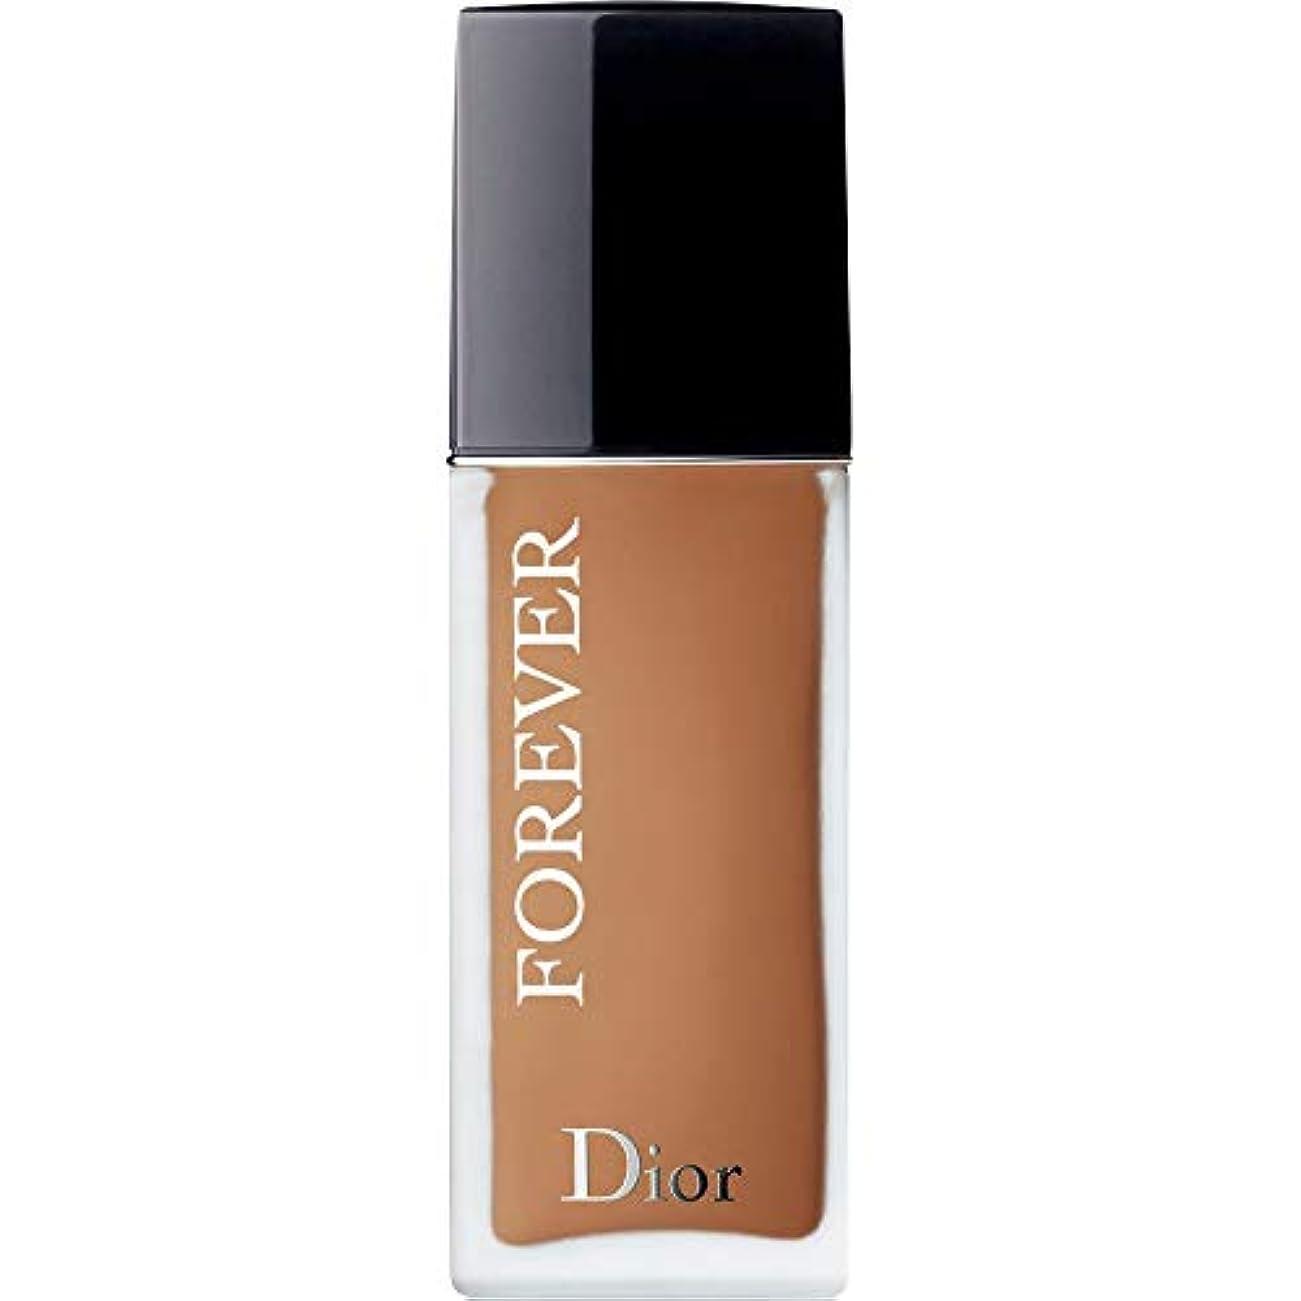 言い訳恥ずかしさポーク[Dior ] ディオール永遠皮膚思いやりの基盤Spf35 30ミリリットルの5ワット - 暖かい(つや消し) - DIOR Forever Skin-Caring Foundation SPF35 30ml 5W -...